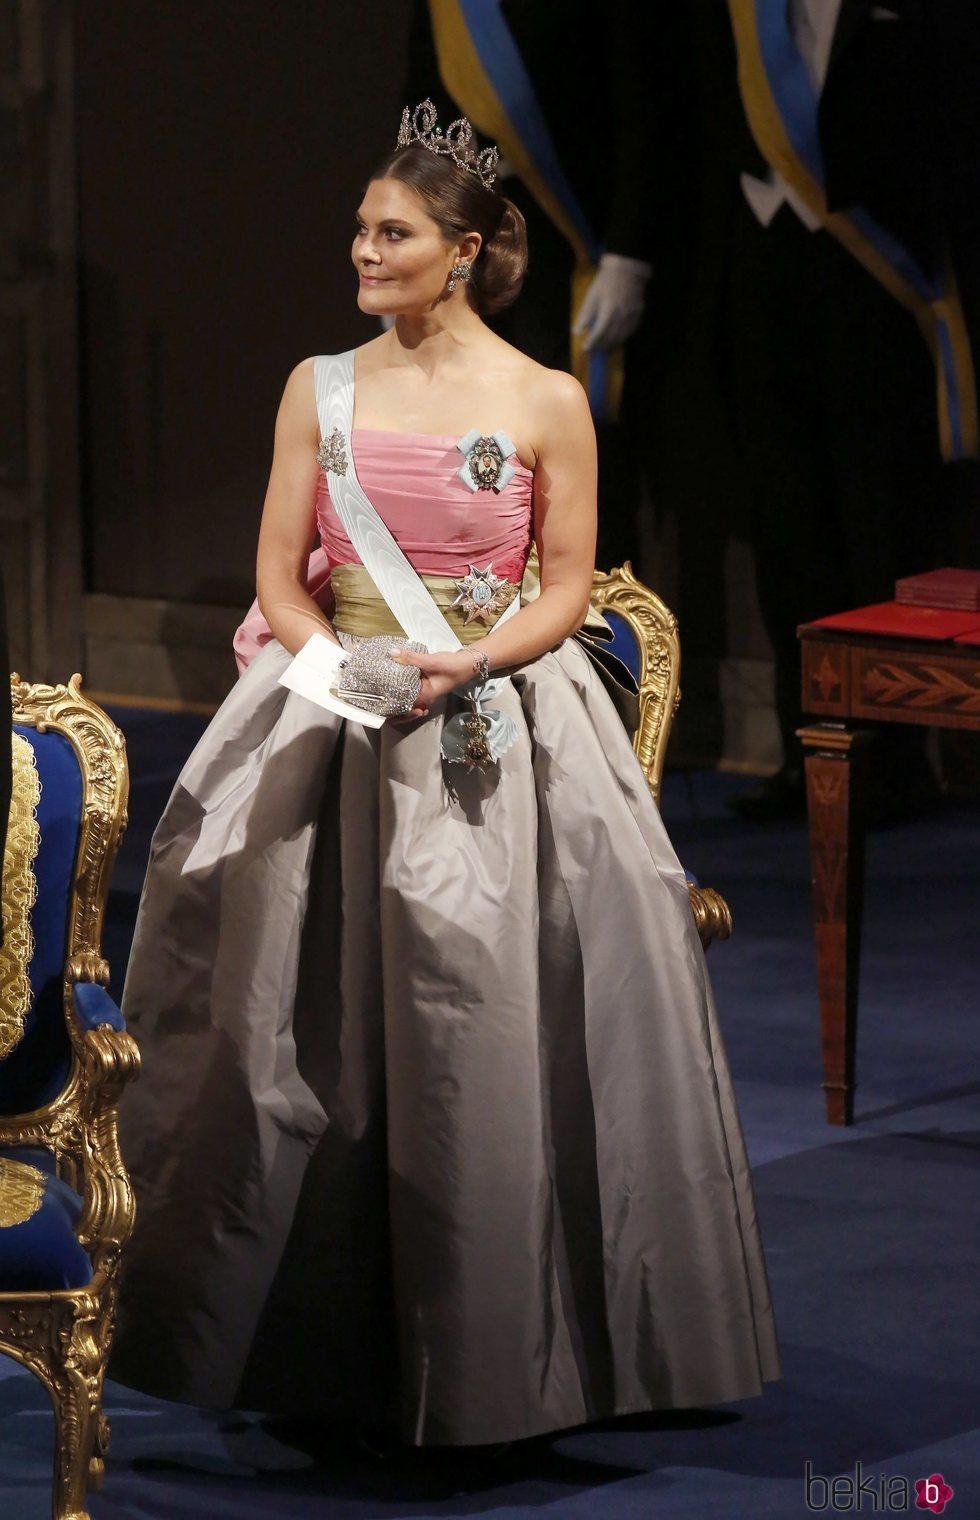 La Princesa Victoria de Suecia en la gala de entrega de los Premios Nobel 2018